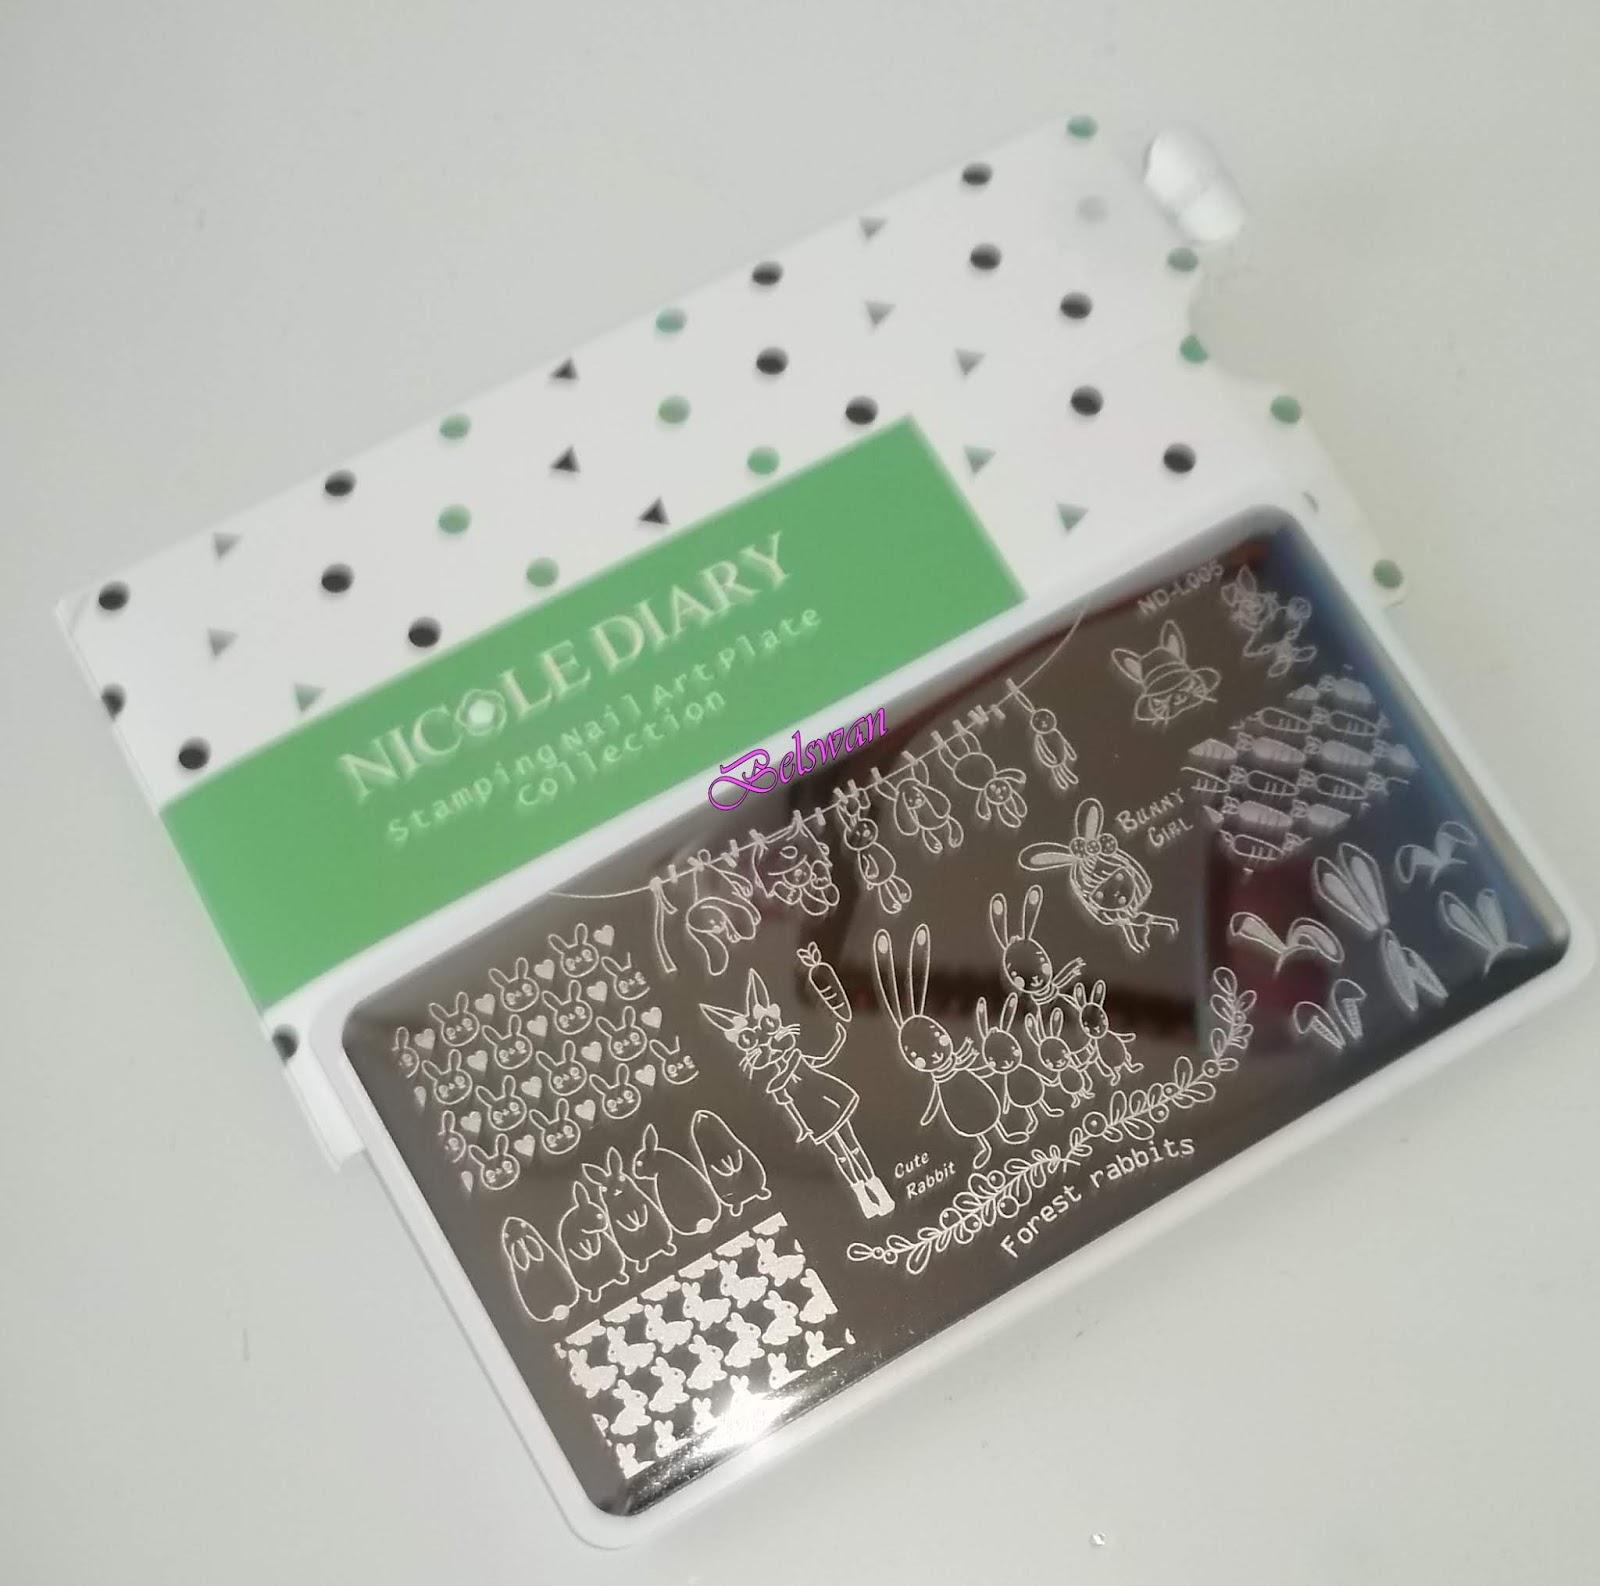 Belswan: Mis cositas de nail art de Nicole Diary